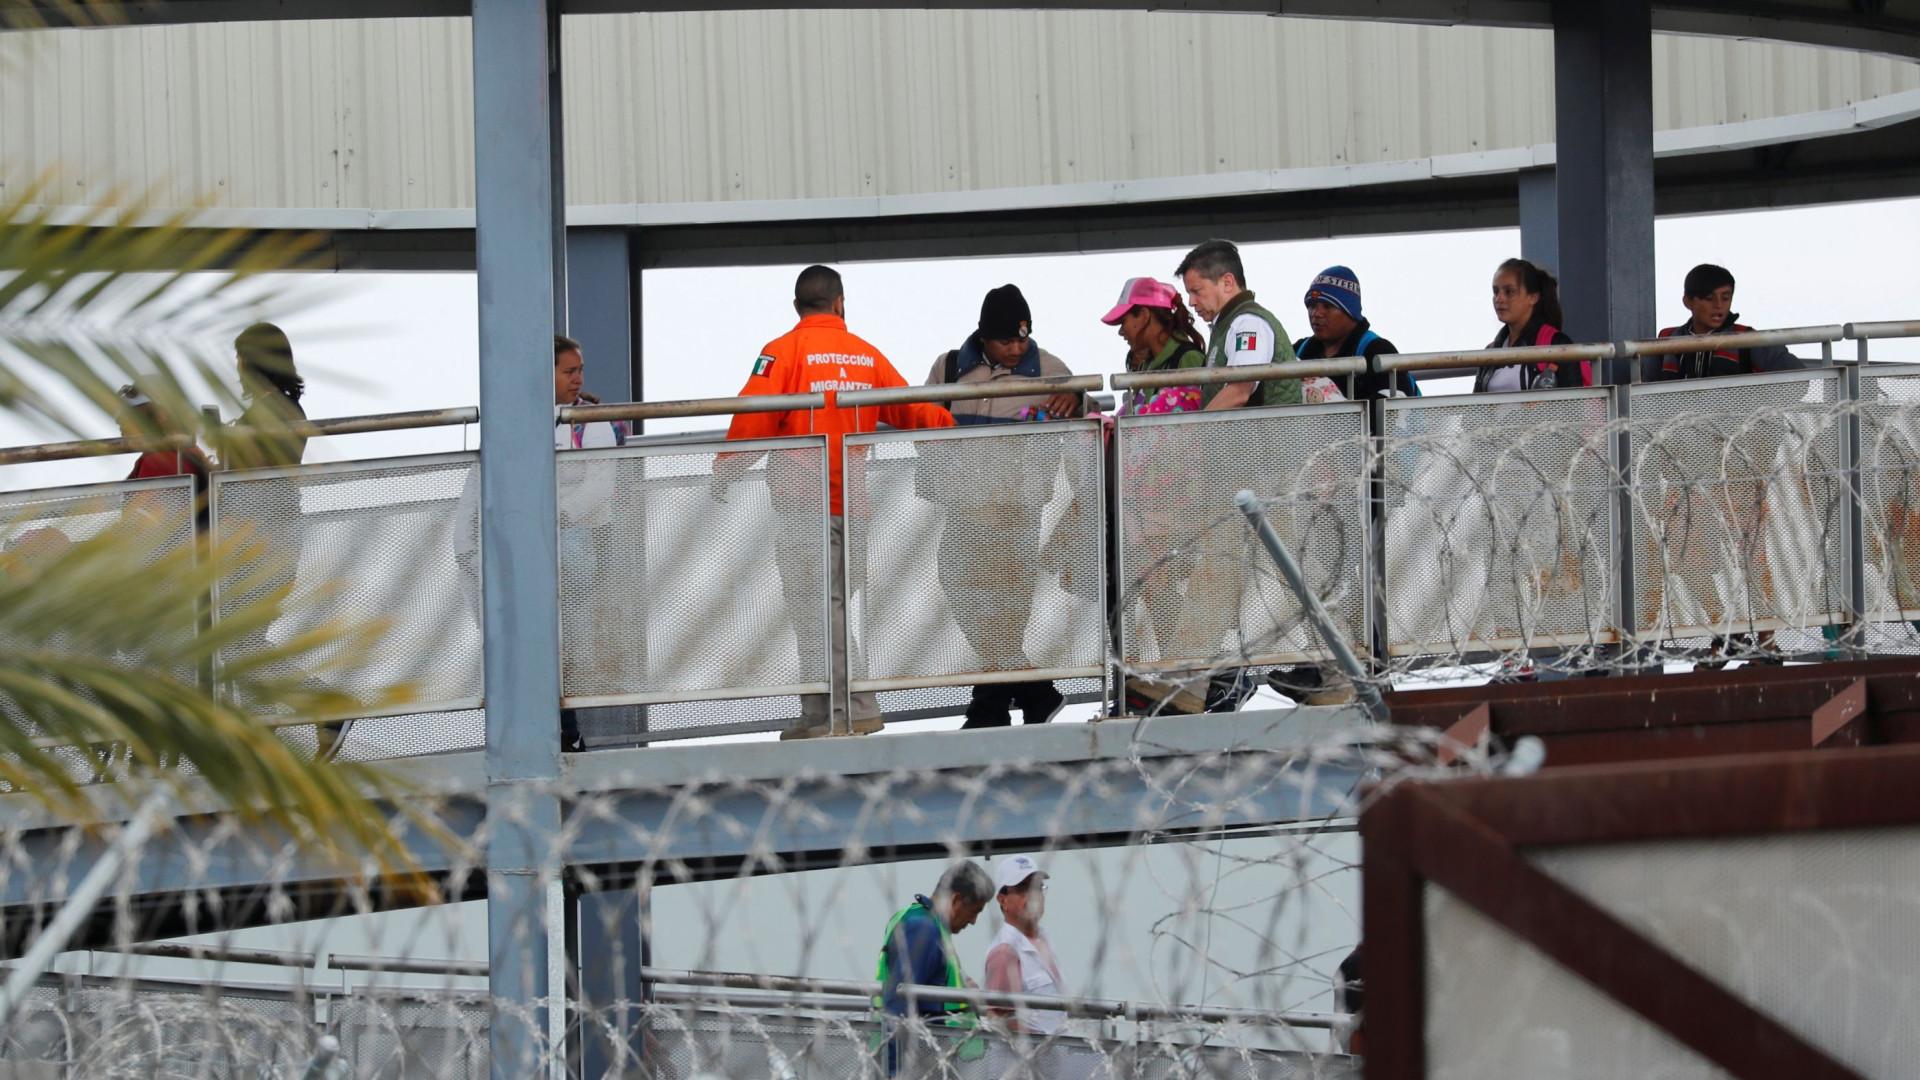 Caravana de migrantes deixa Cidade do México em direção a Tijuan